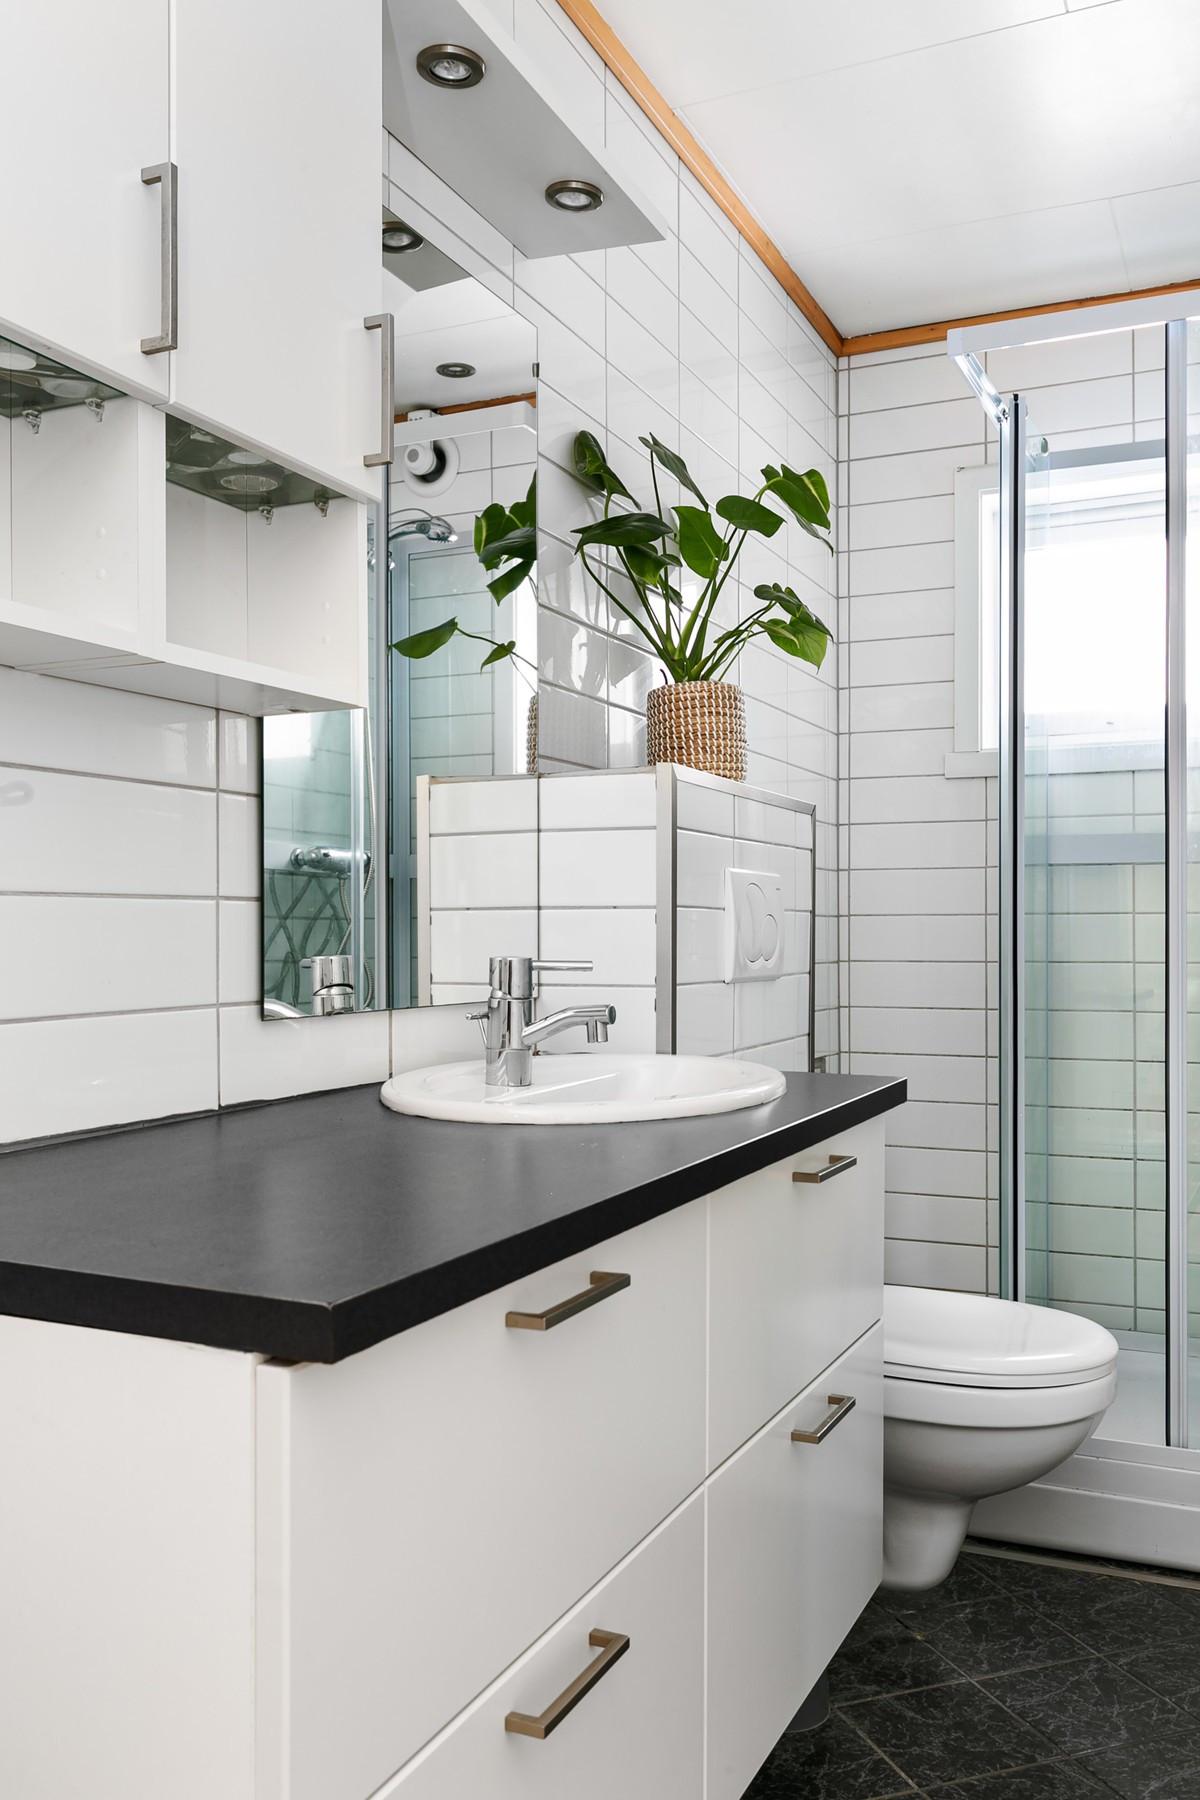 Komplett fliselagt baderom med dusjkabinett, servant og wc